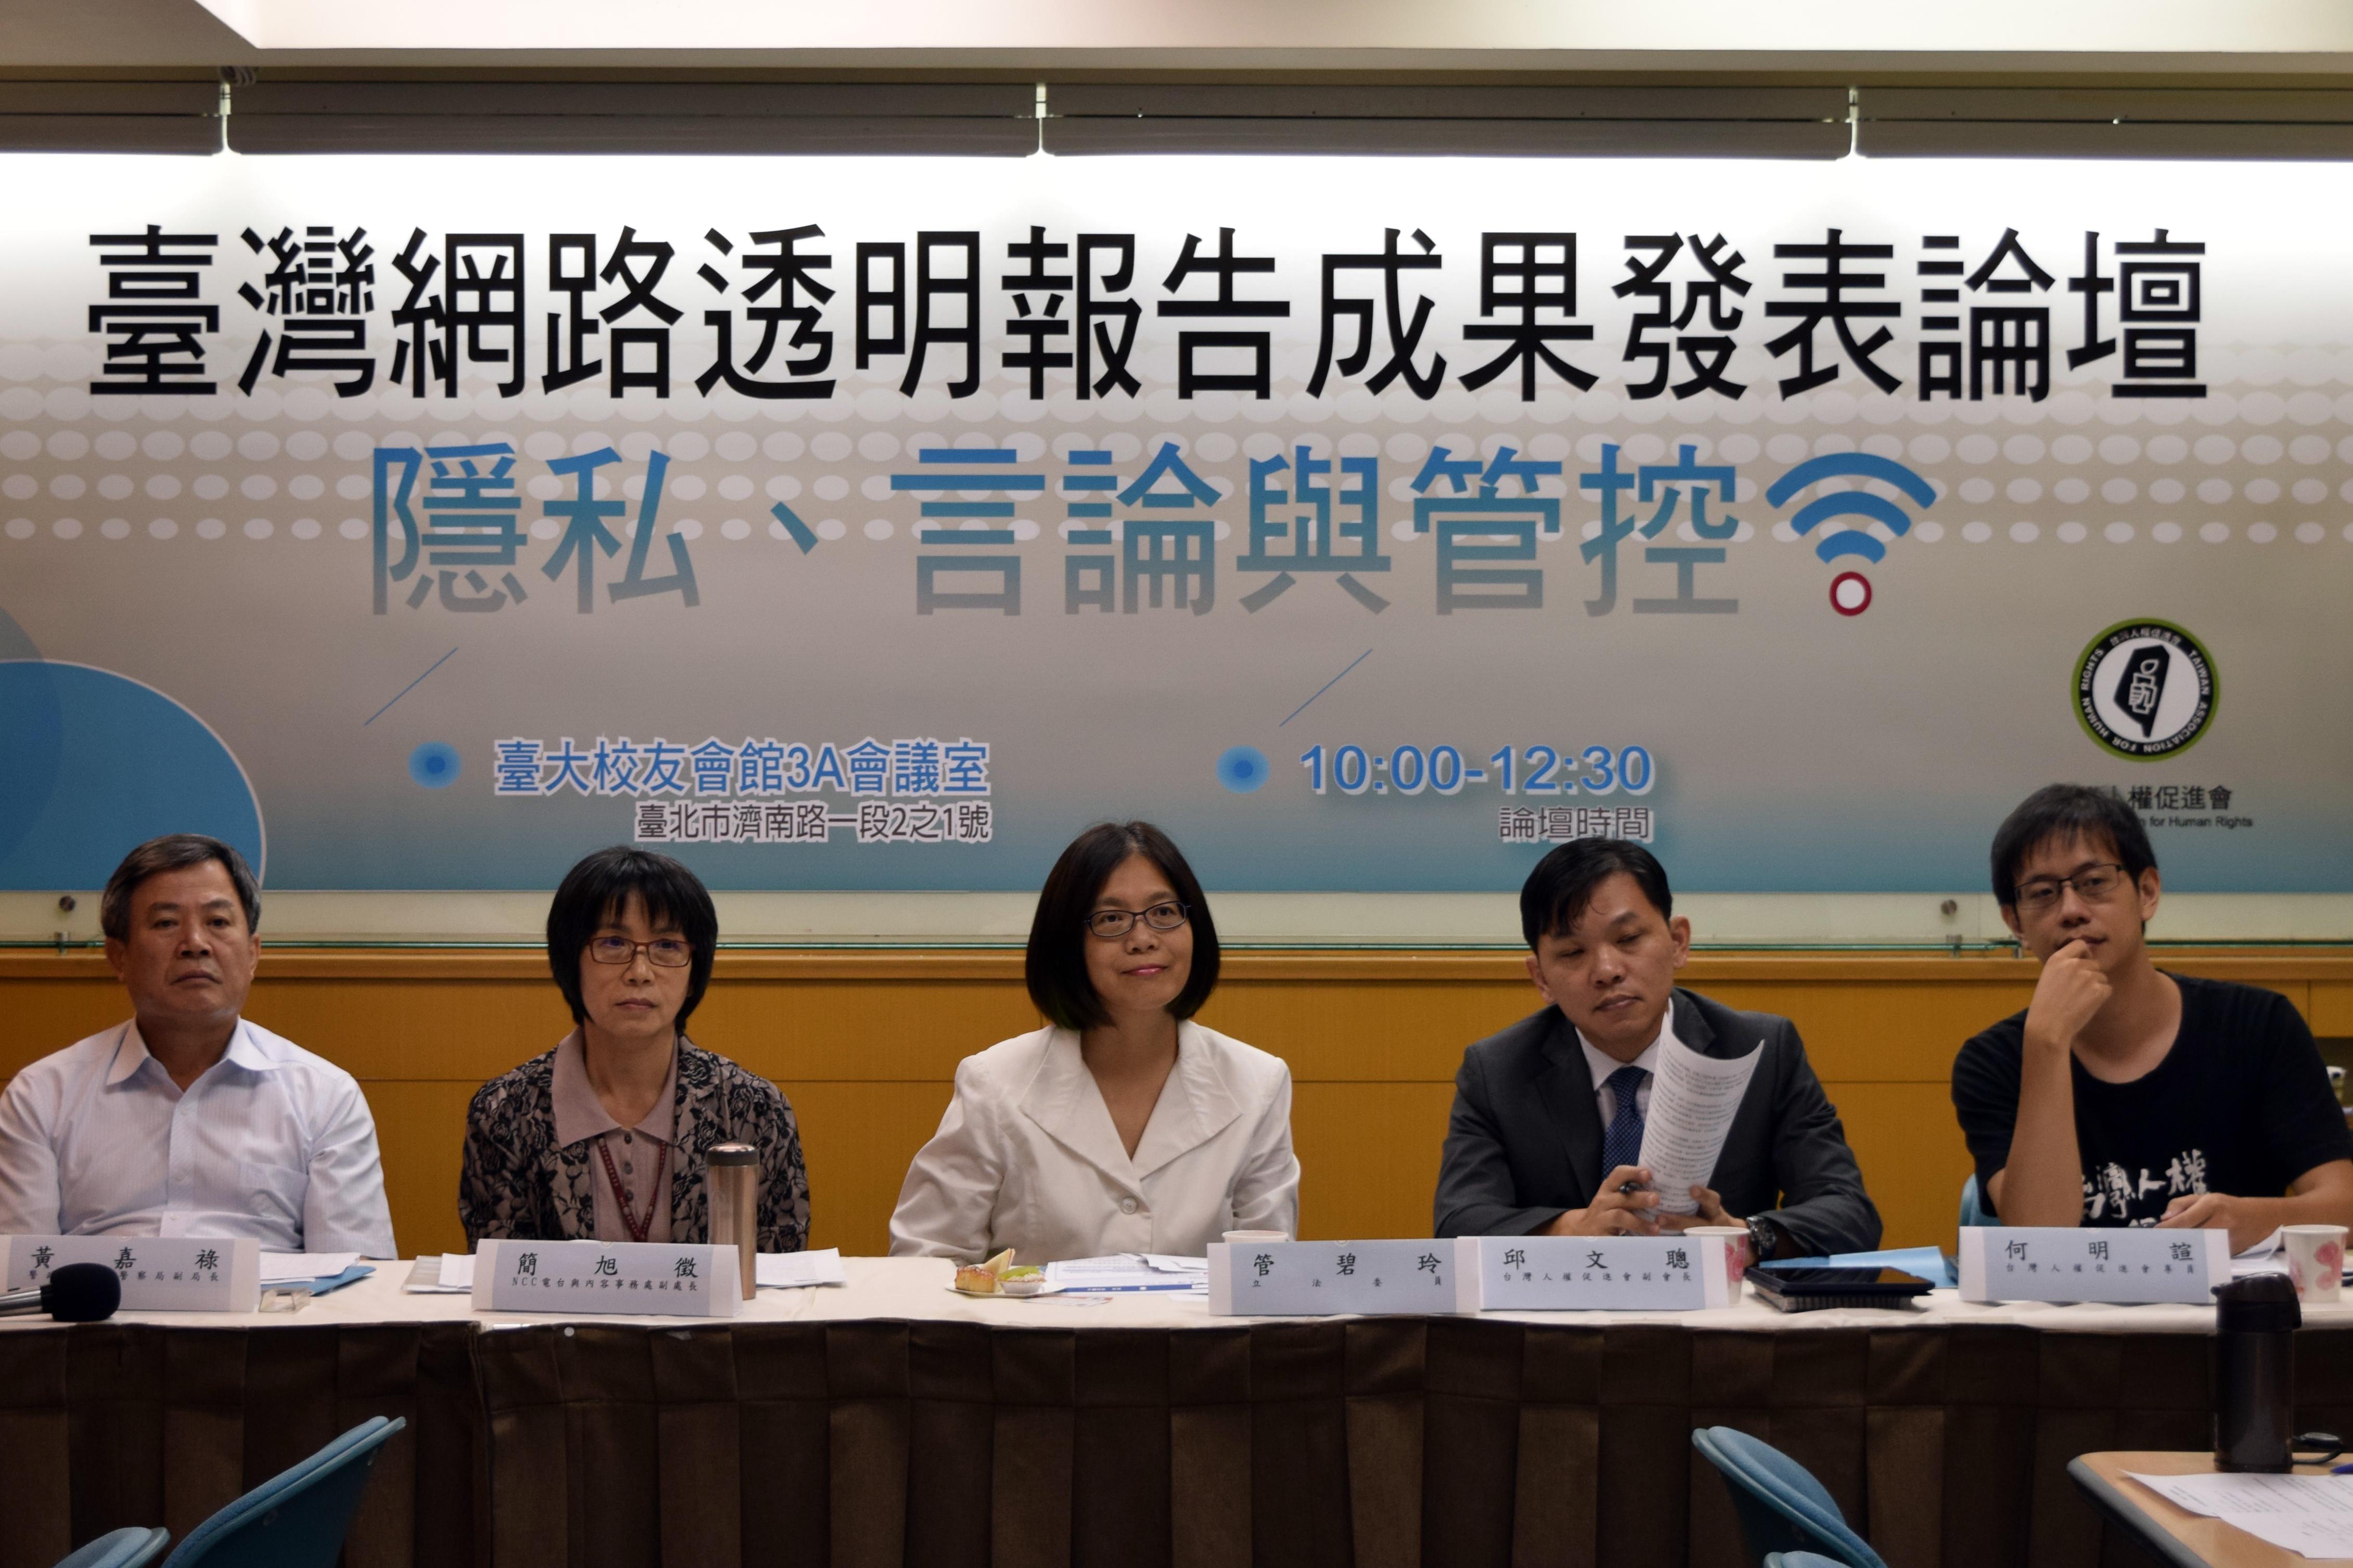 台灣人權促進會於5日舉辦「台灣網路透明報告成果發表論壇」,多位政府官員皆列席參與。 圖/趙安平攝